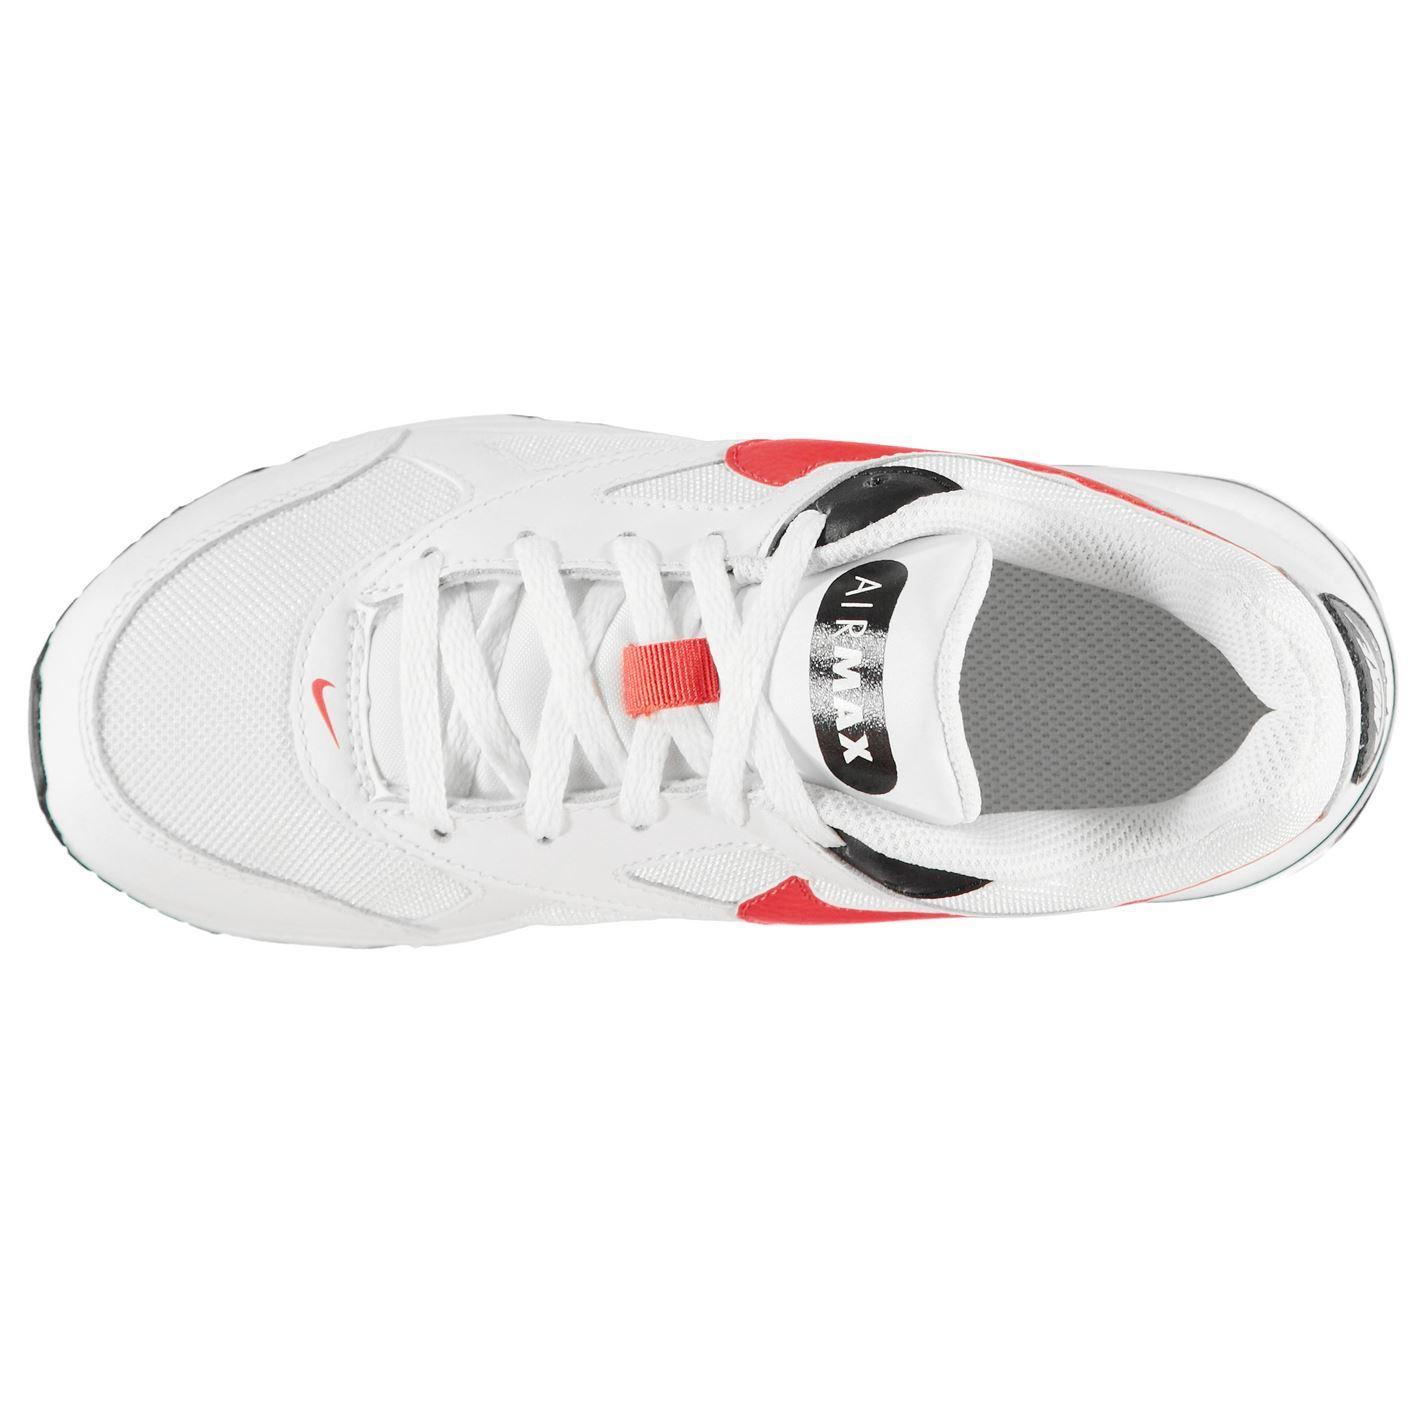 pretty cool outlet for sale sneakers for cheap Nike Air Max Ivo Garçon Enfant Baskets Décontracté Blanc/Orange ...